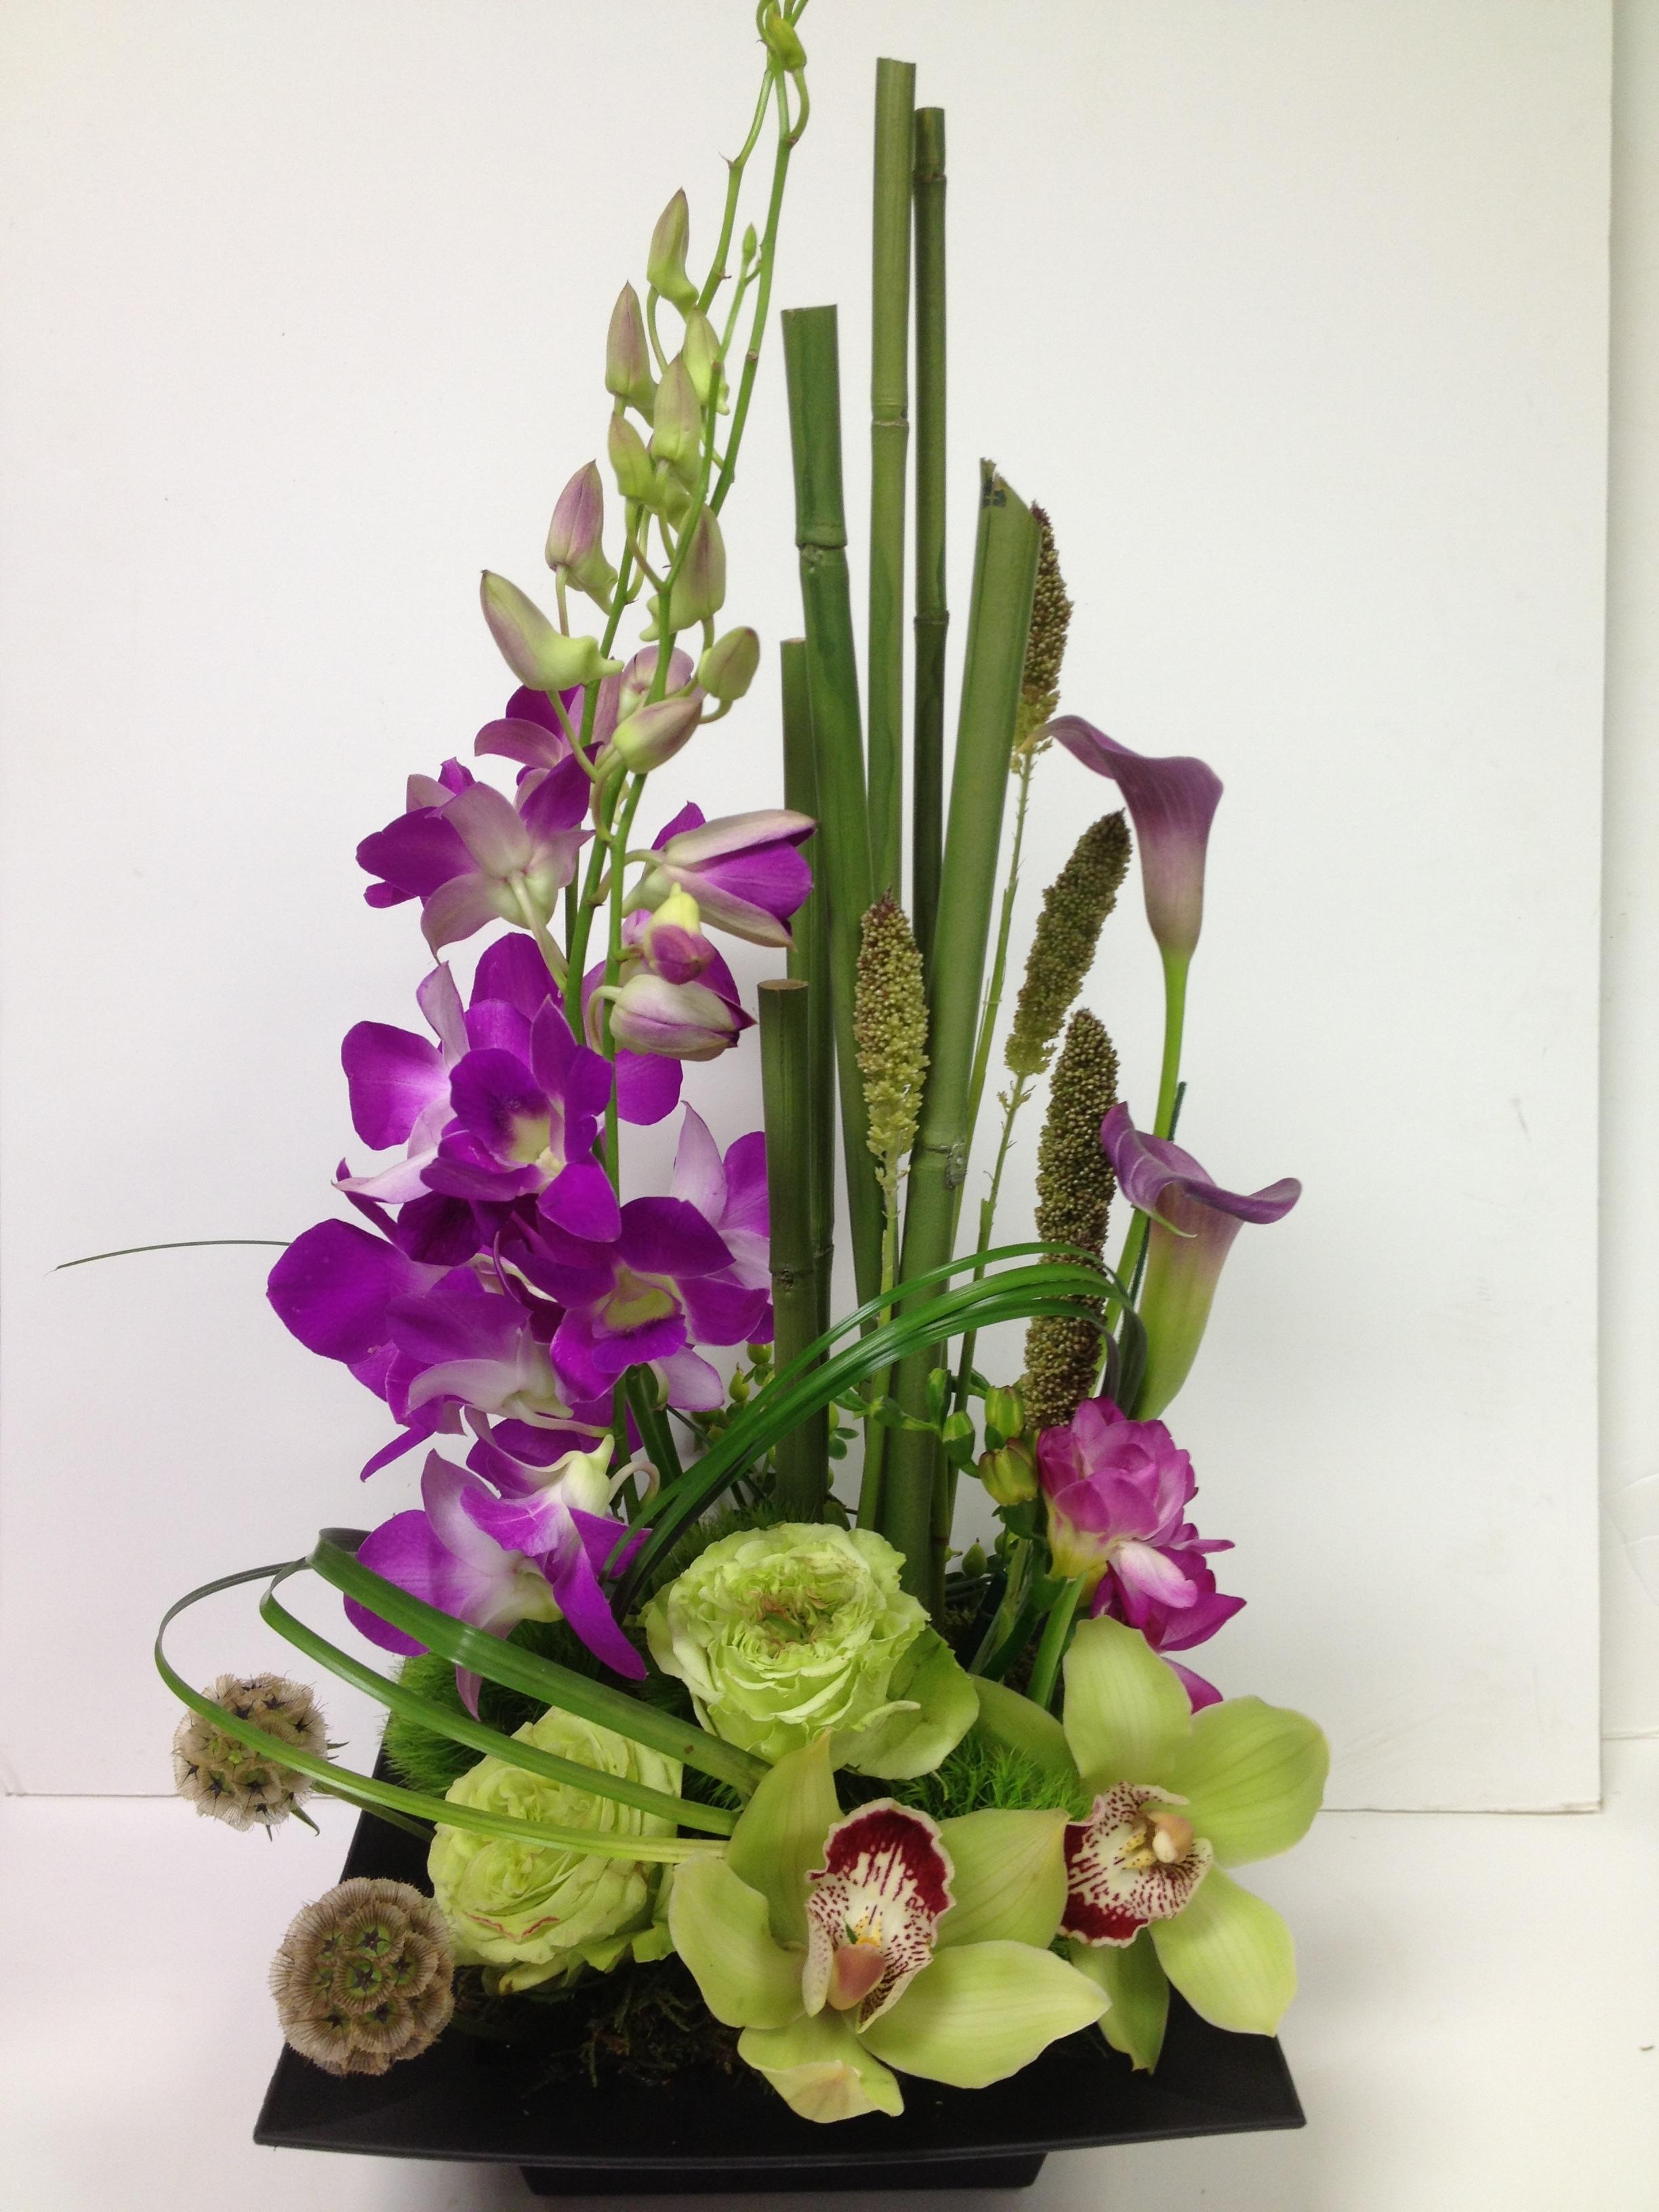 Floral Elegance image 94